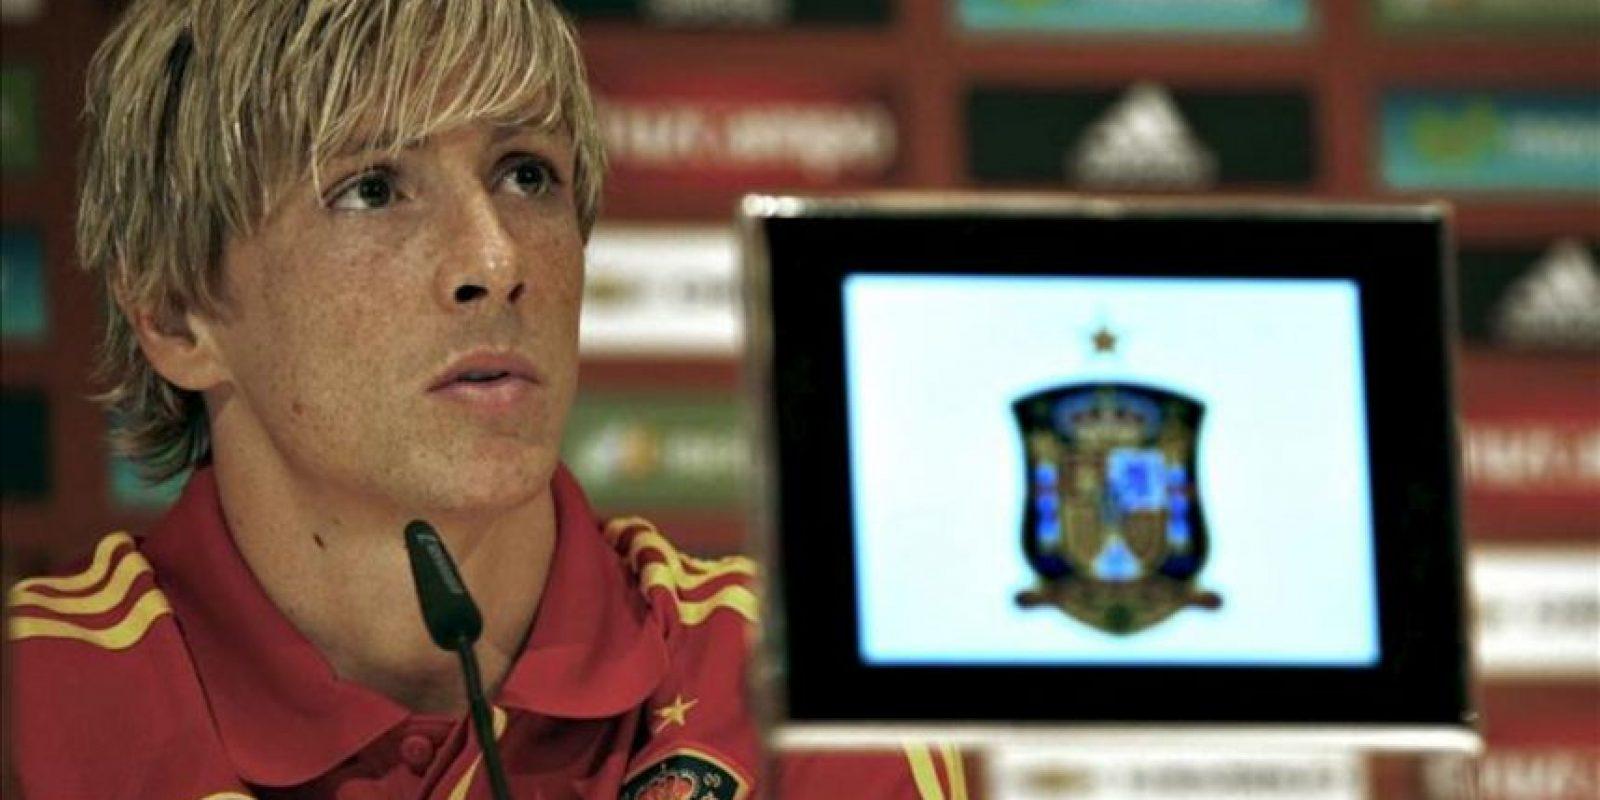 El delantero de la selección española de fútbol Fernando Torres durante la rueda de prensa que ofreció hoy tras el entrenamiento matinal del combinado español en la localidad austríaca de Schruns donde preparan su participación en la Eurocopa 2012. EFE